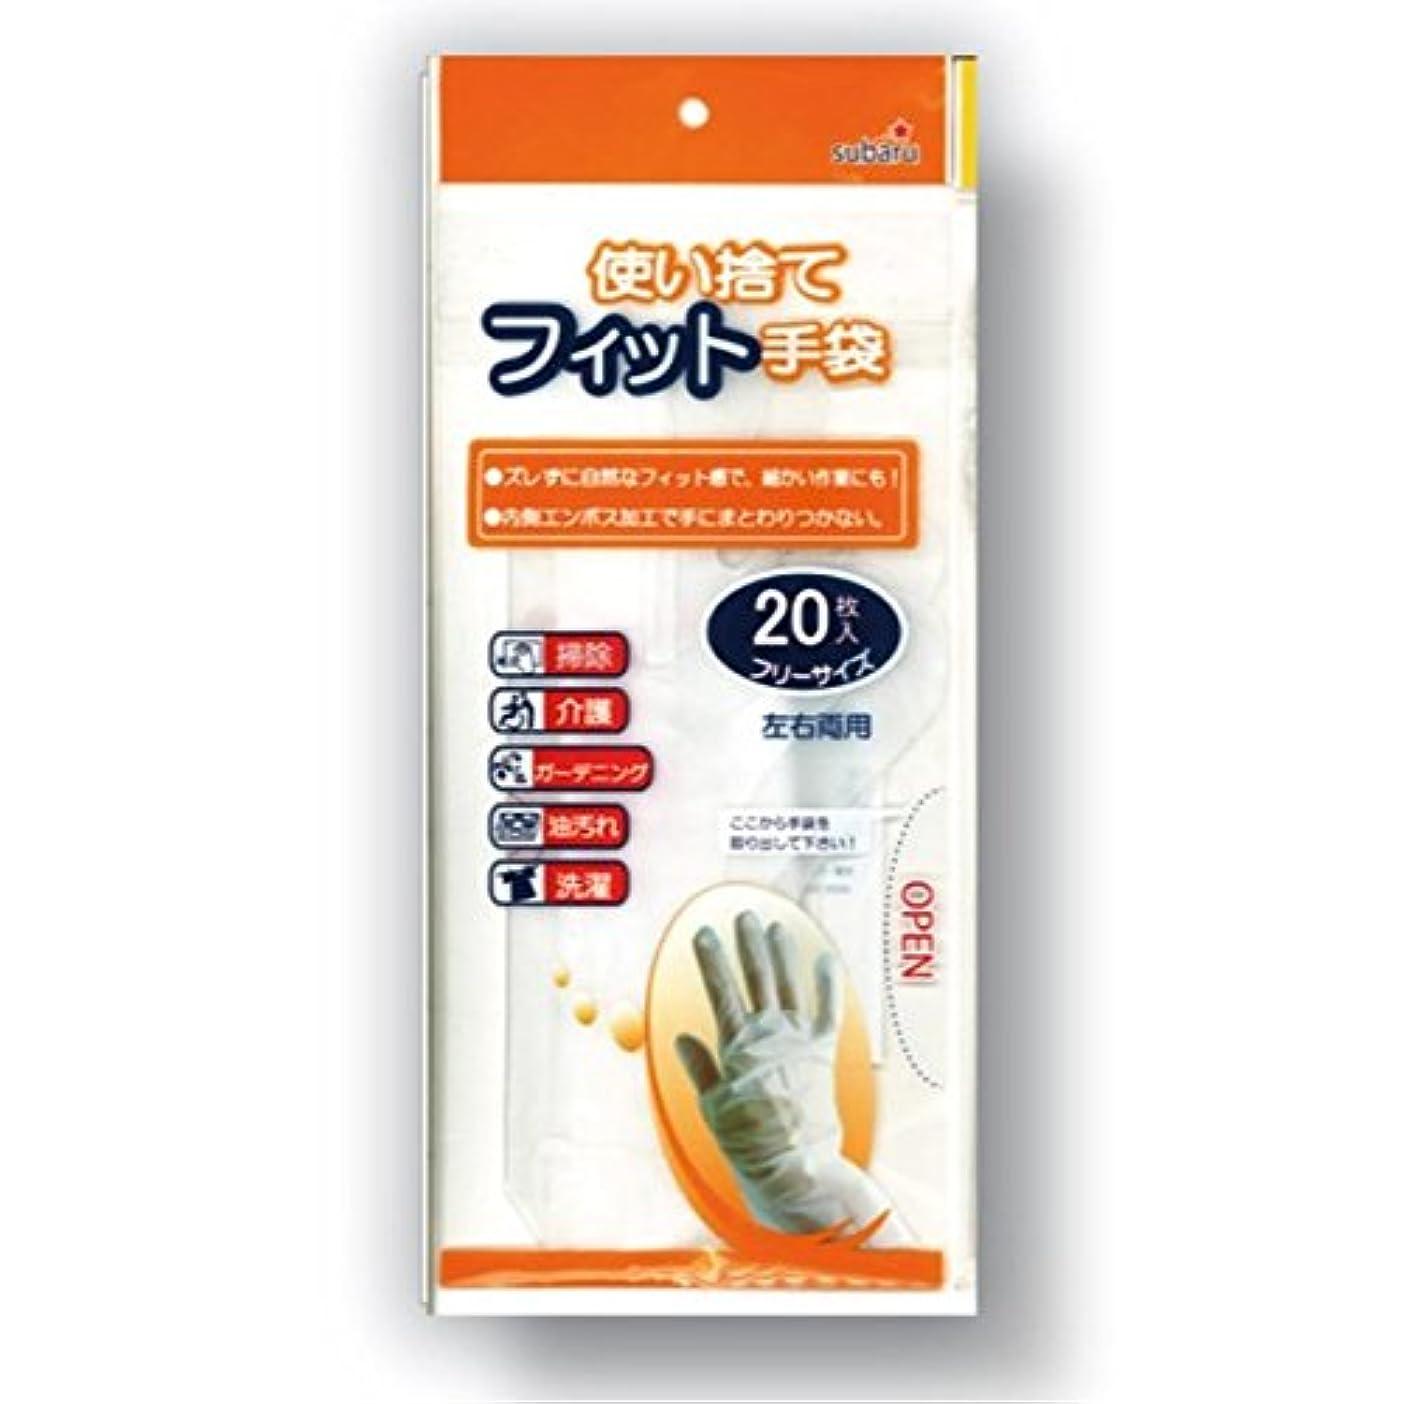 石膏復讐を必要としています使い捨てフィット手袋フリーサイズ20枚入[12個セット] 227-19